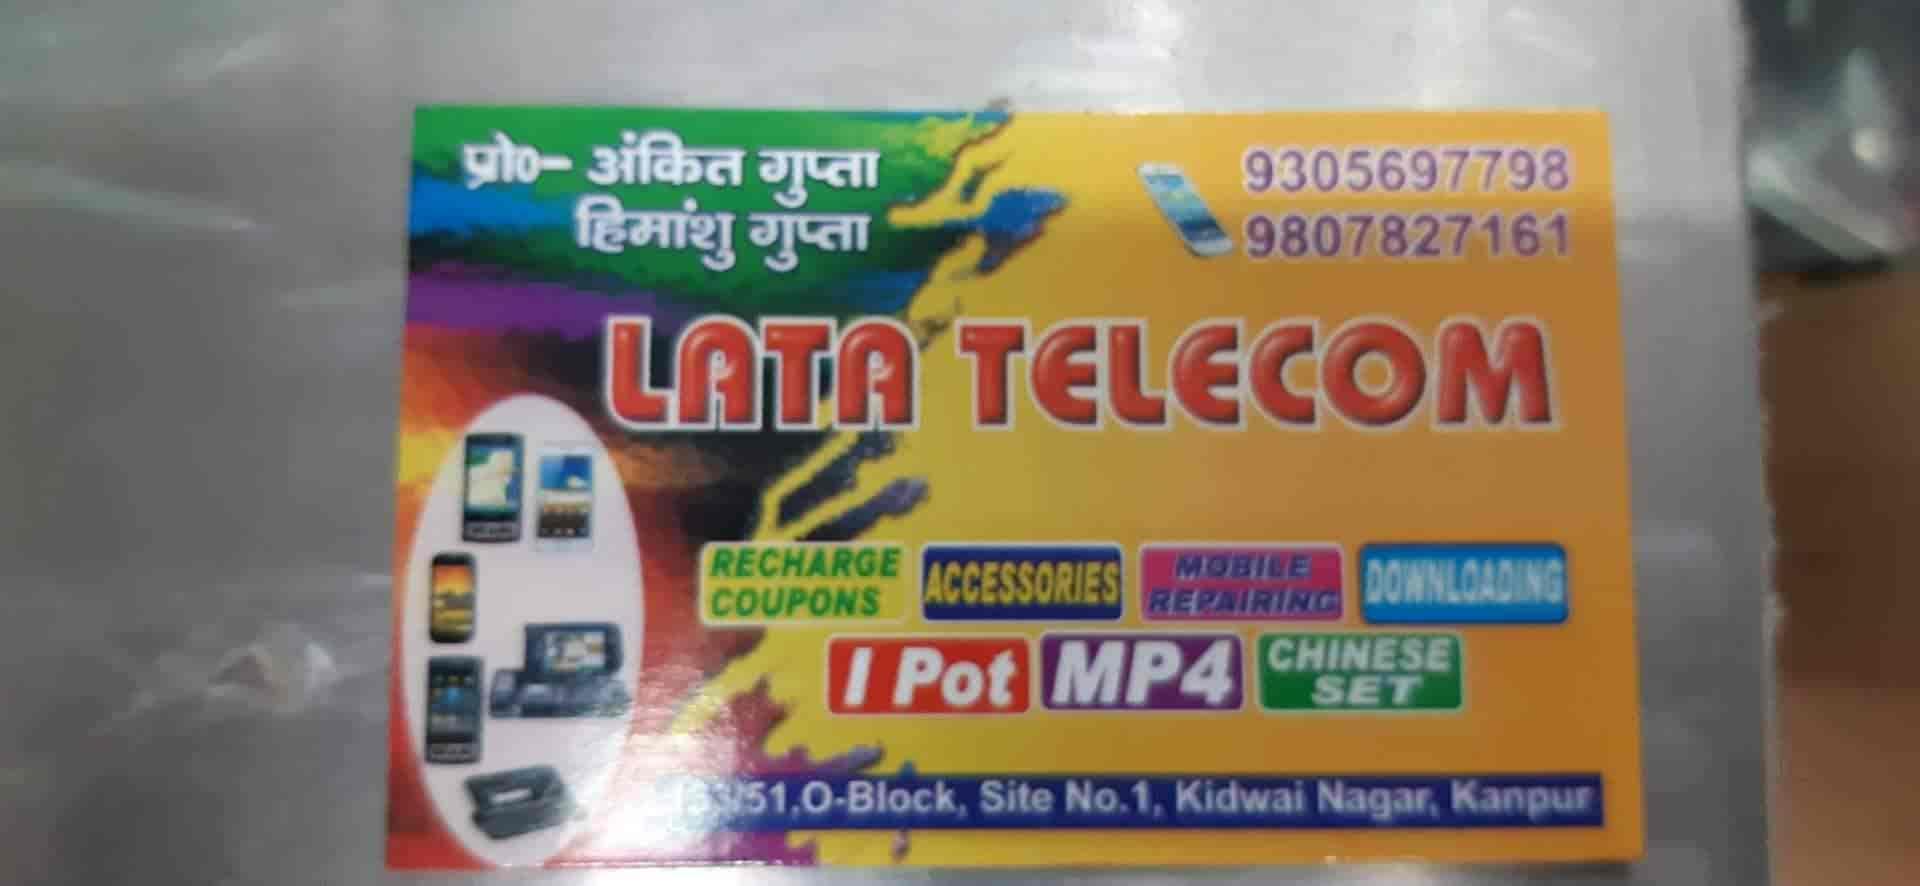 Lata Telecom Photos, Kidwai Nagar, Kanpur- Pictures & Images